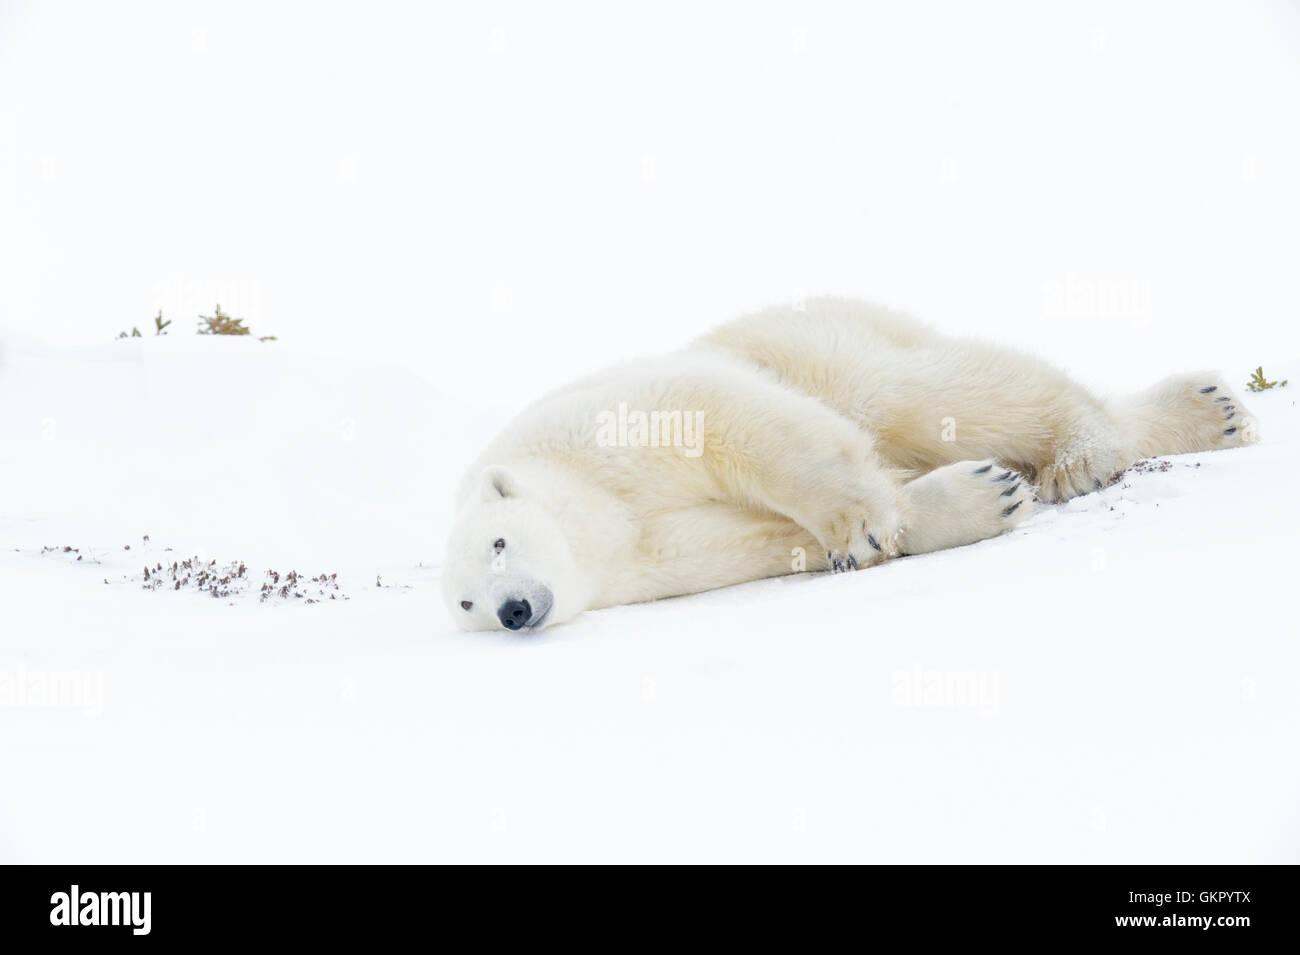 Orso polare madre (Ursus maritimus) scorrevole verso il basso, Wapusk National Park, Manitoba, Canada Immagini Stock